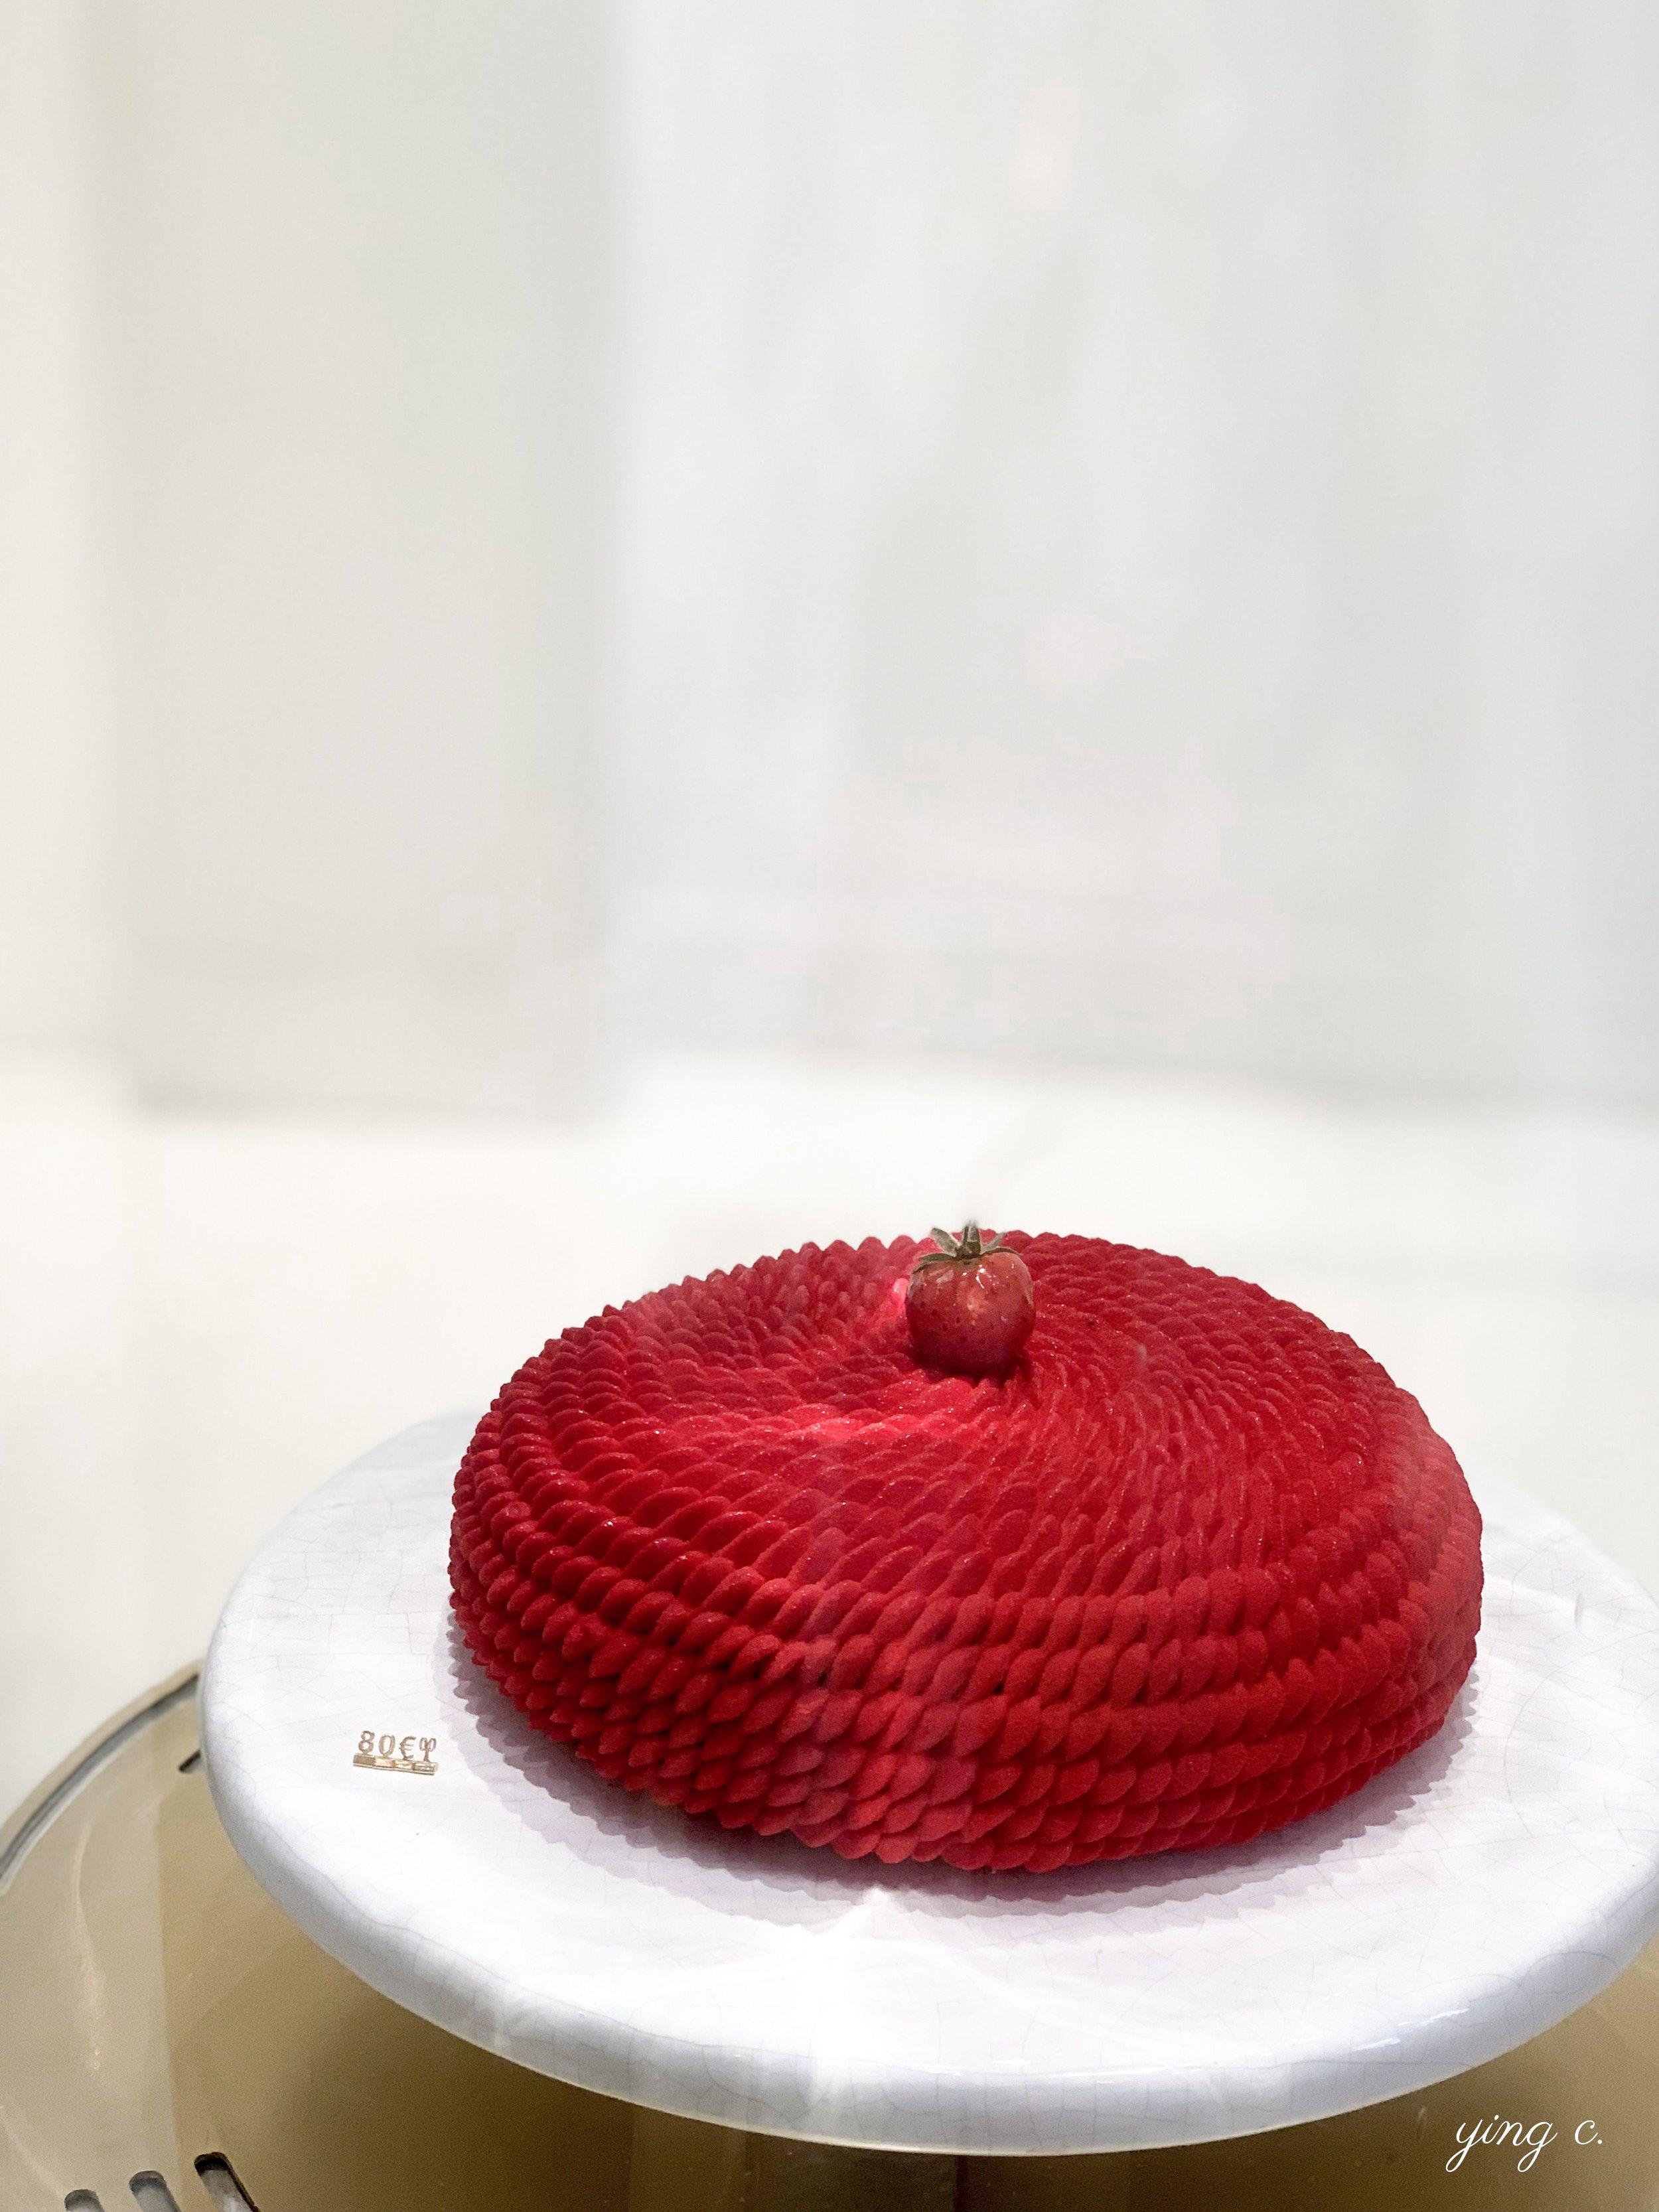 法式甜點的外型一向非常重要,近年來由於社群網站蓬勃發展,大眾對美麗的視覺呈現要求更高。圖為 Cédric Grolet 主廚今年5月推出的法式草莓蛋糕( fraisier )。